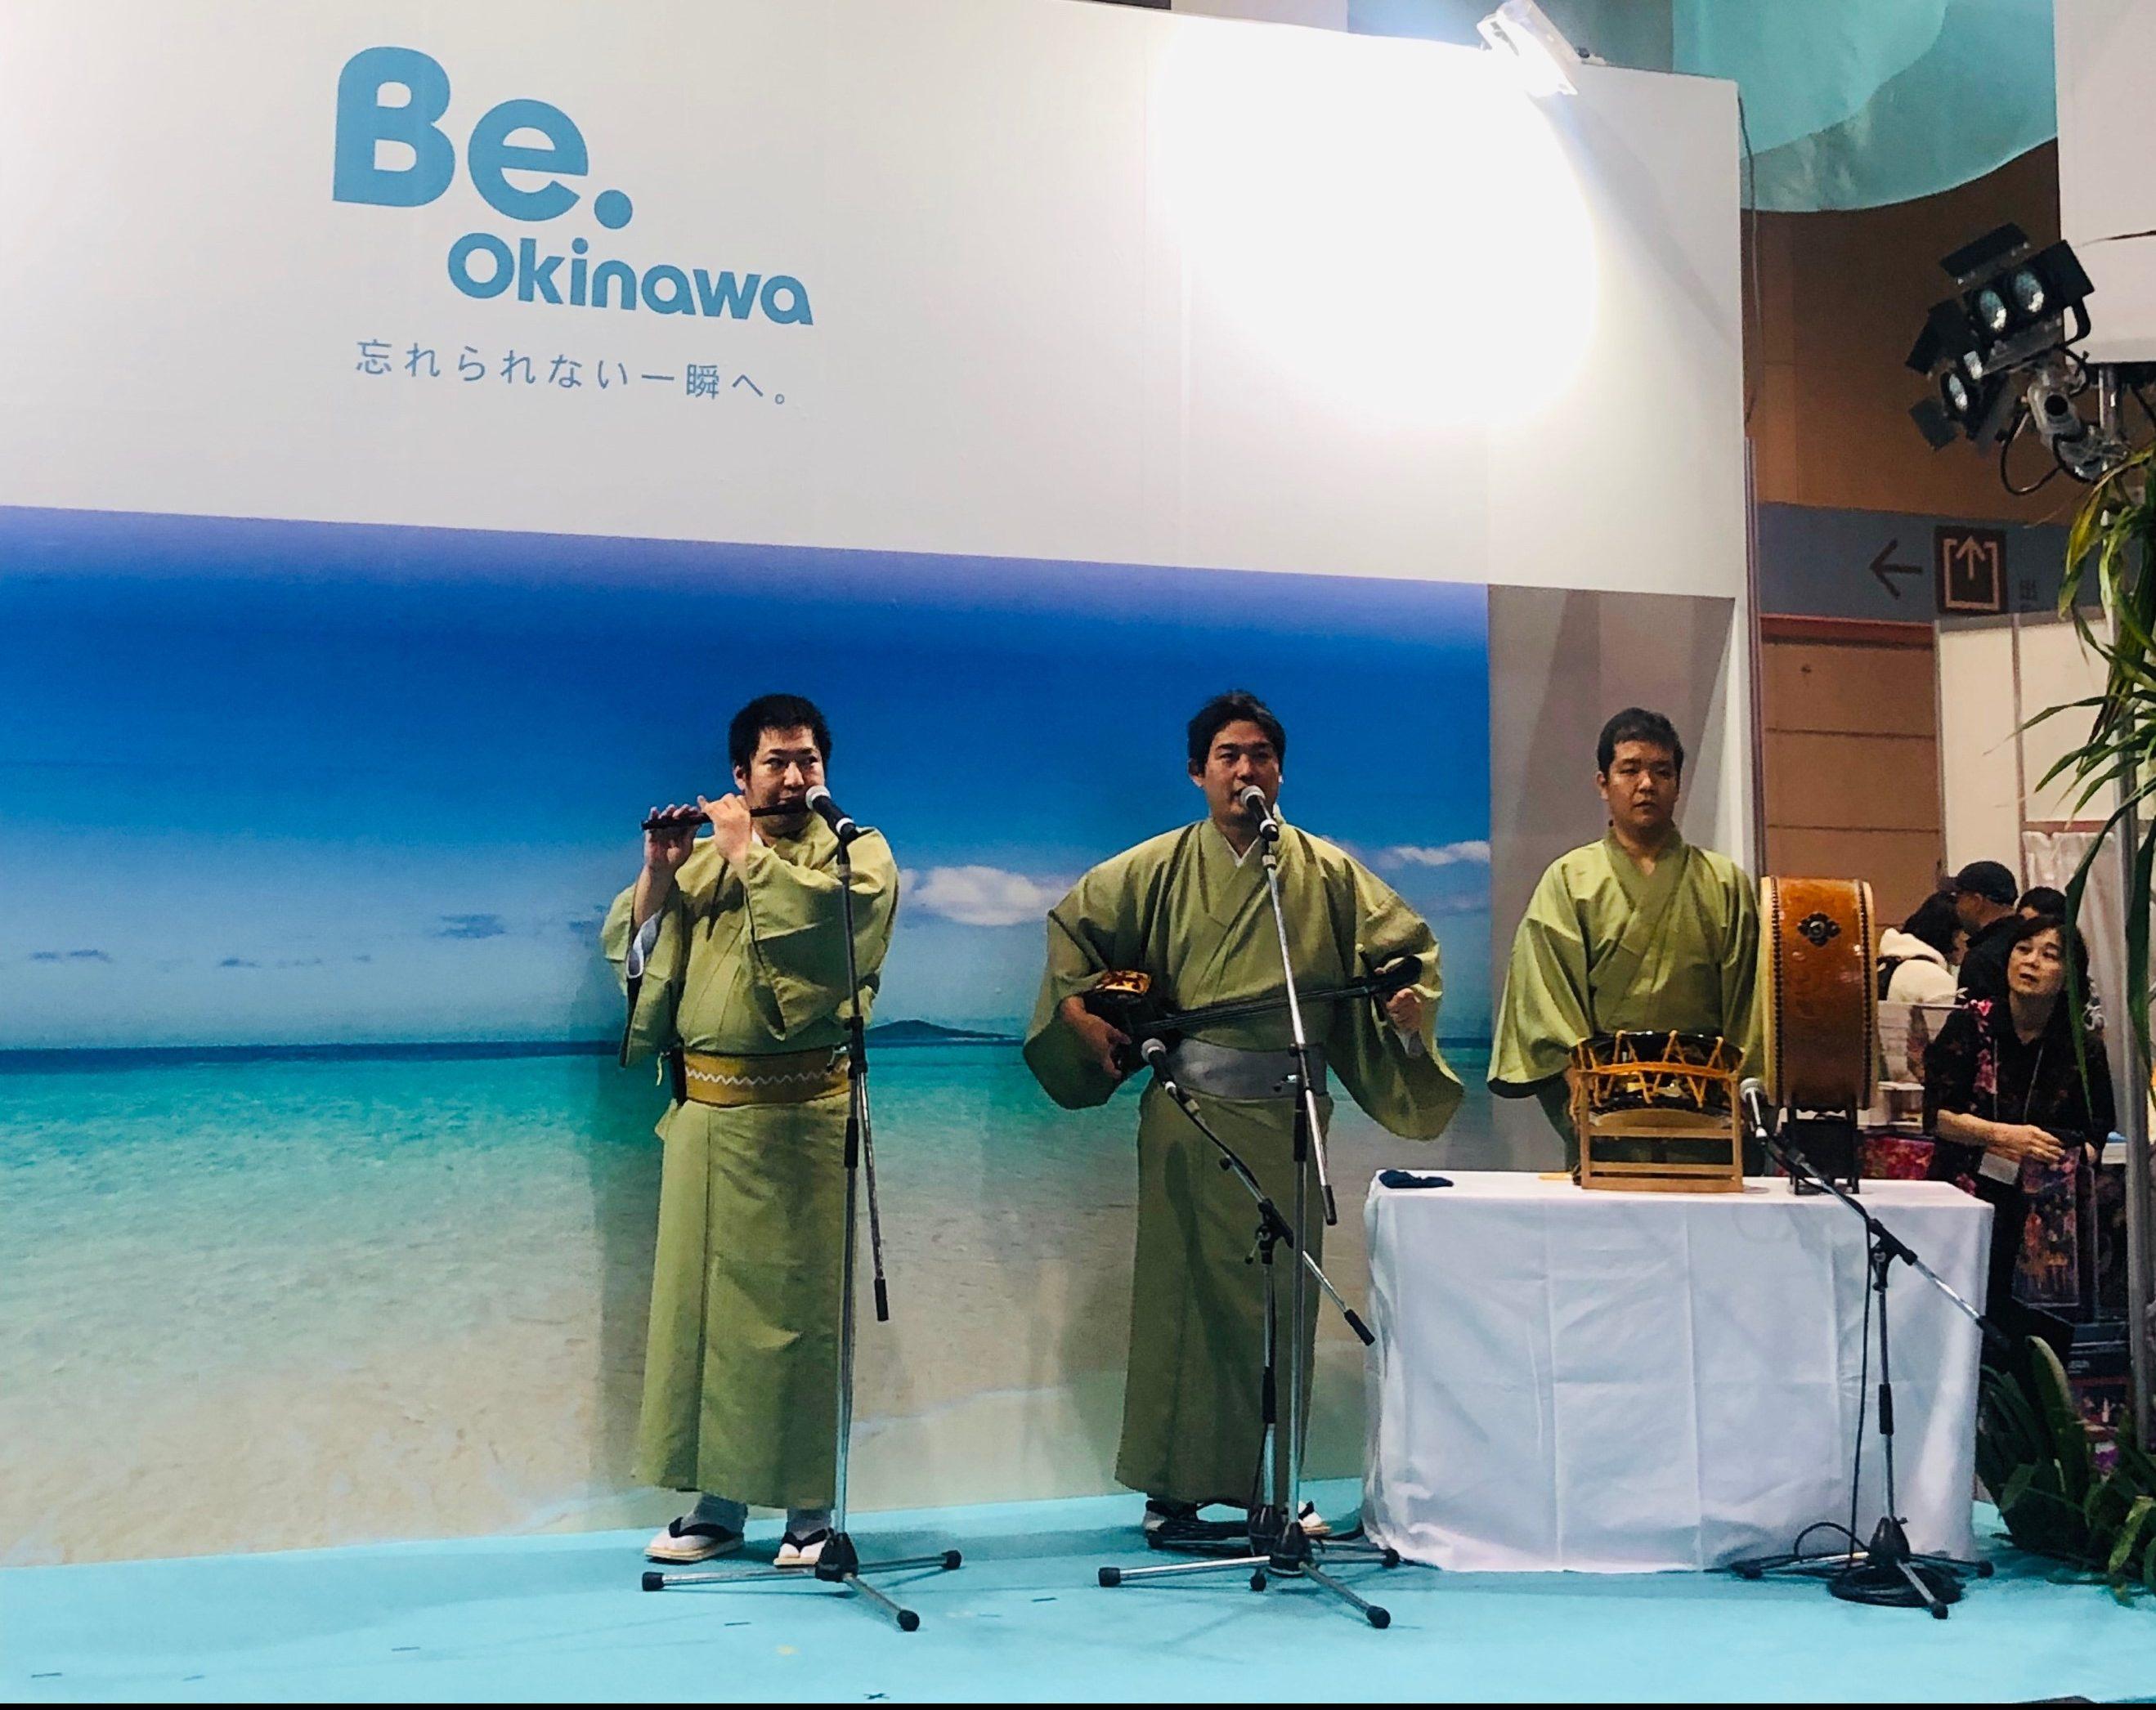 エイサーや沖縄空手の演武、琉球芸能の演奏で盛り上がり